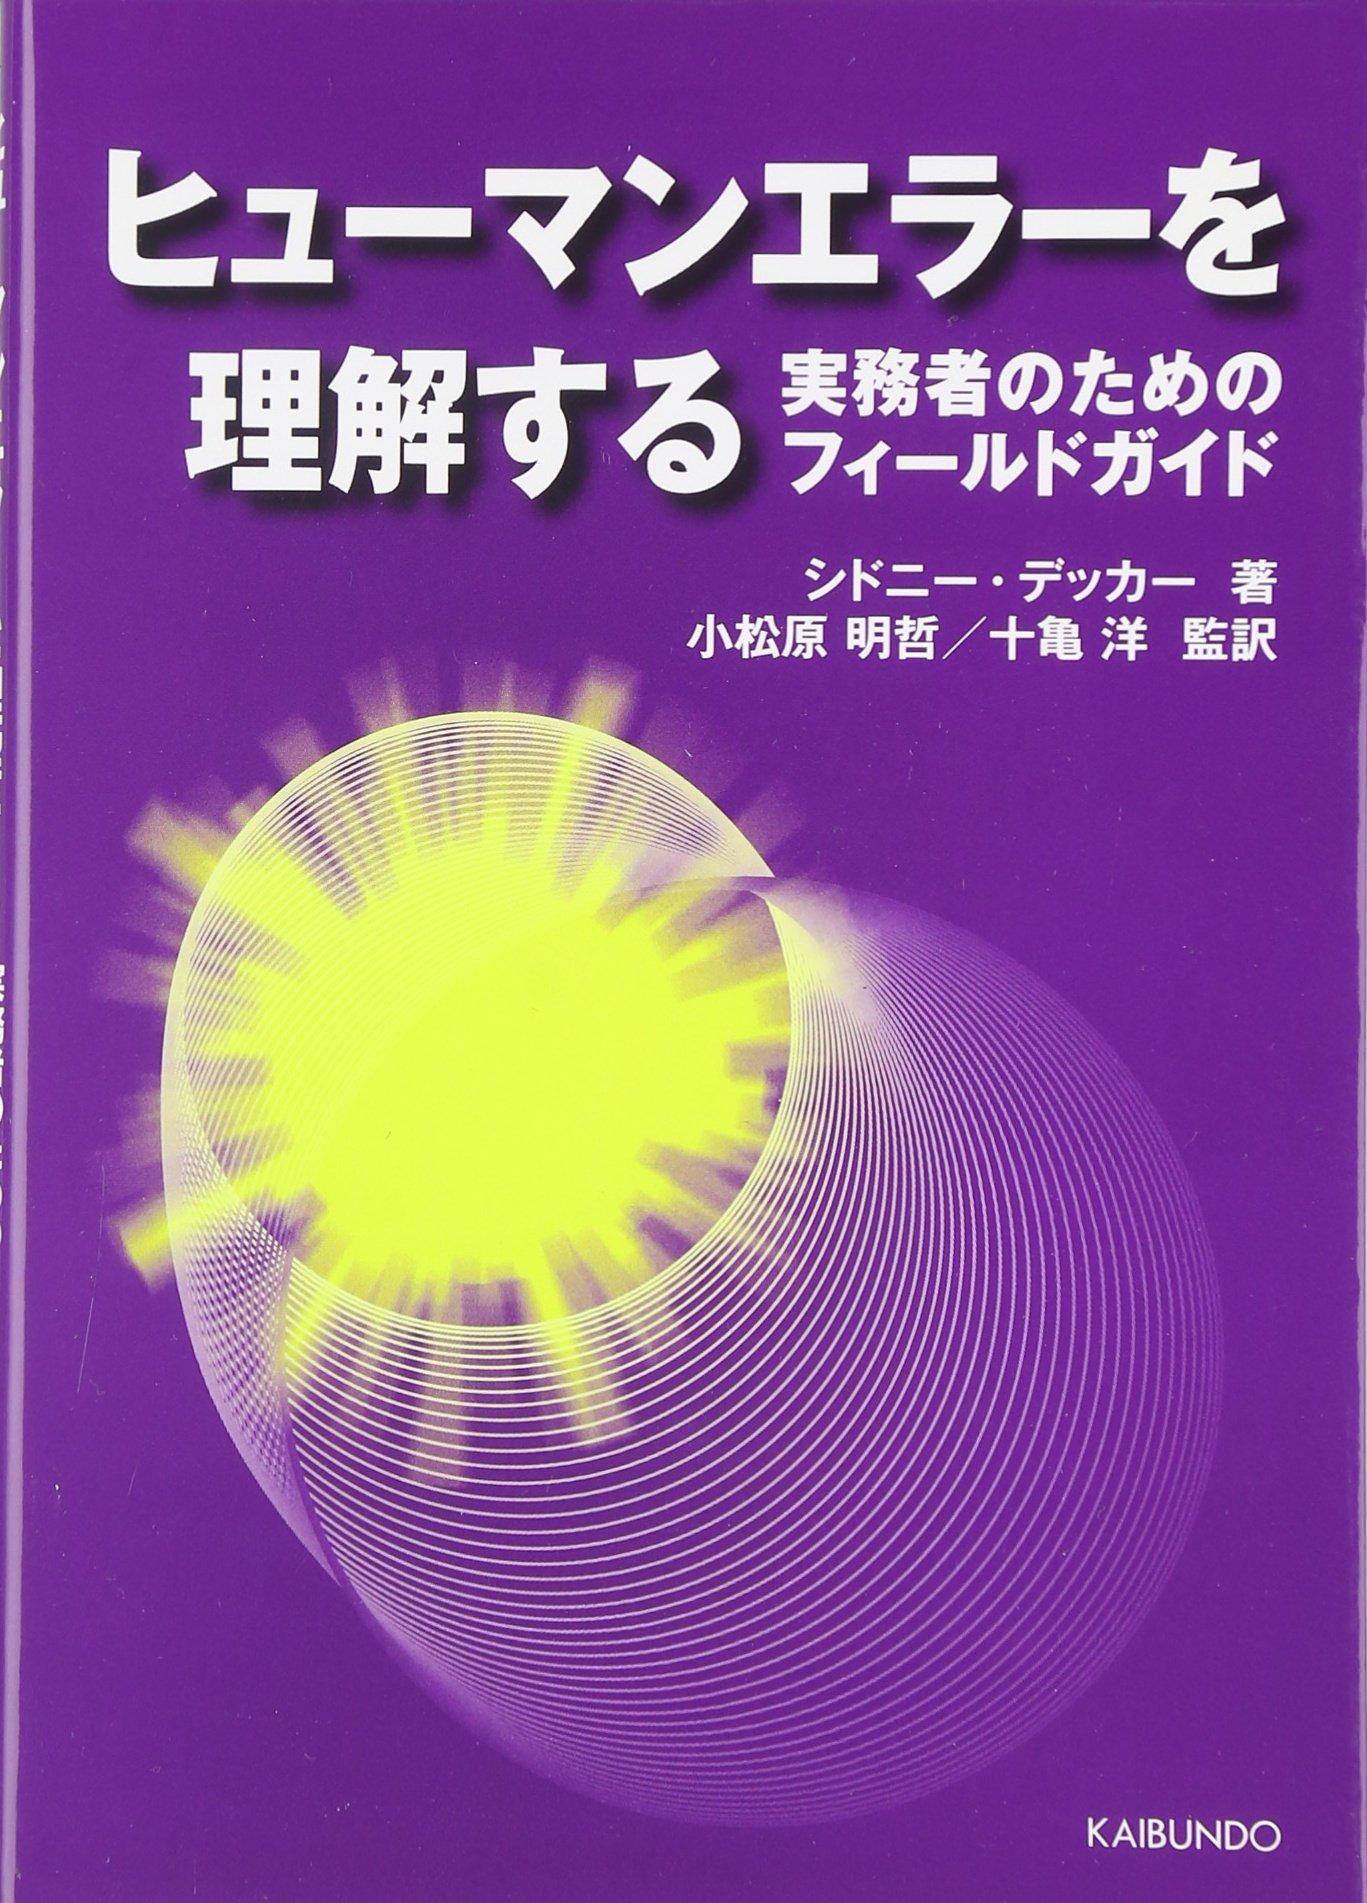 Download Hyūman erā o rikaisuru : Jitsumusha no tameno fīrudo gaido ebook